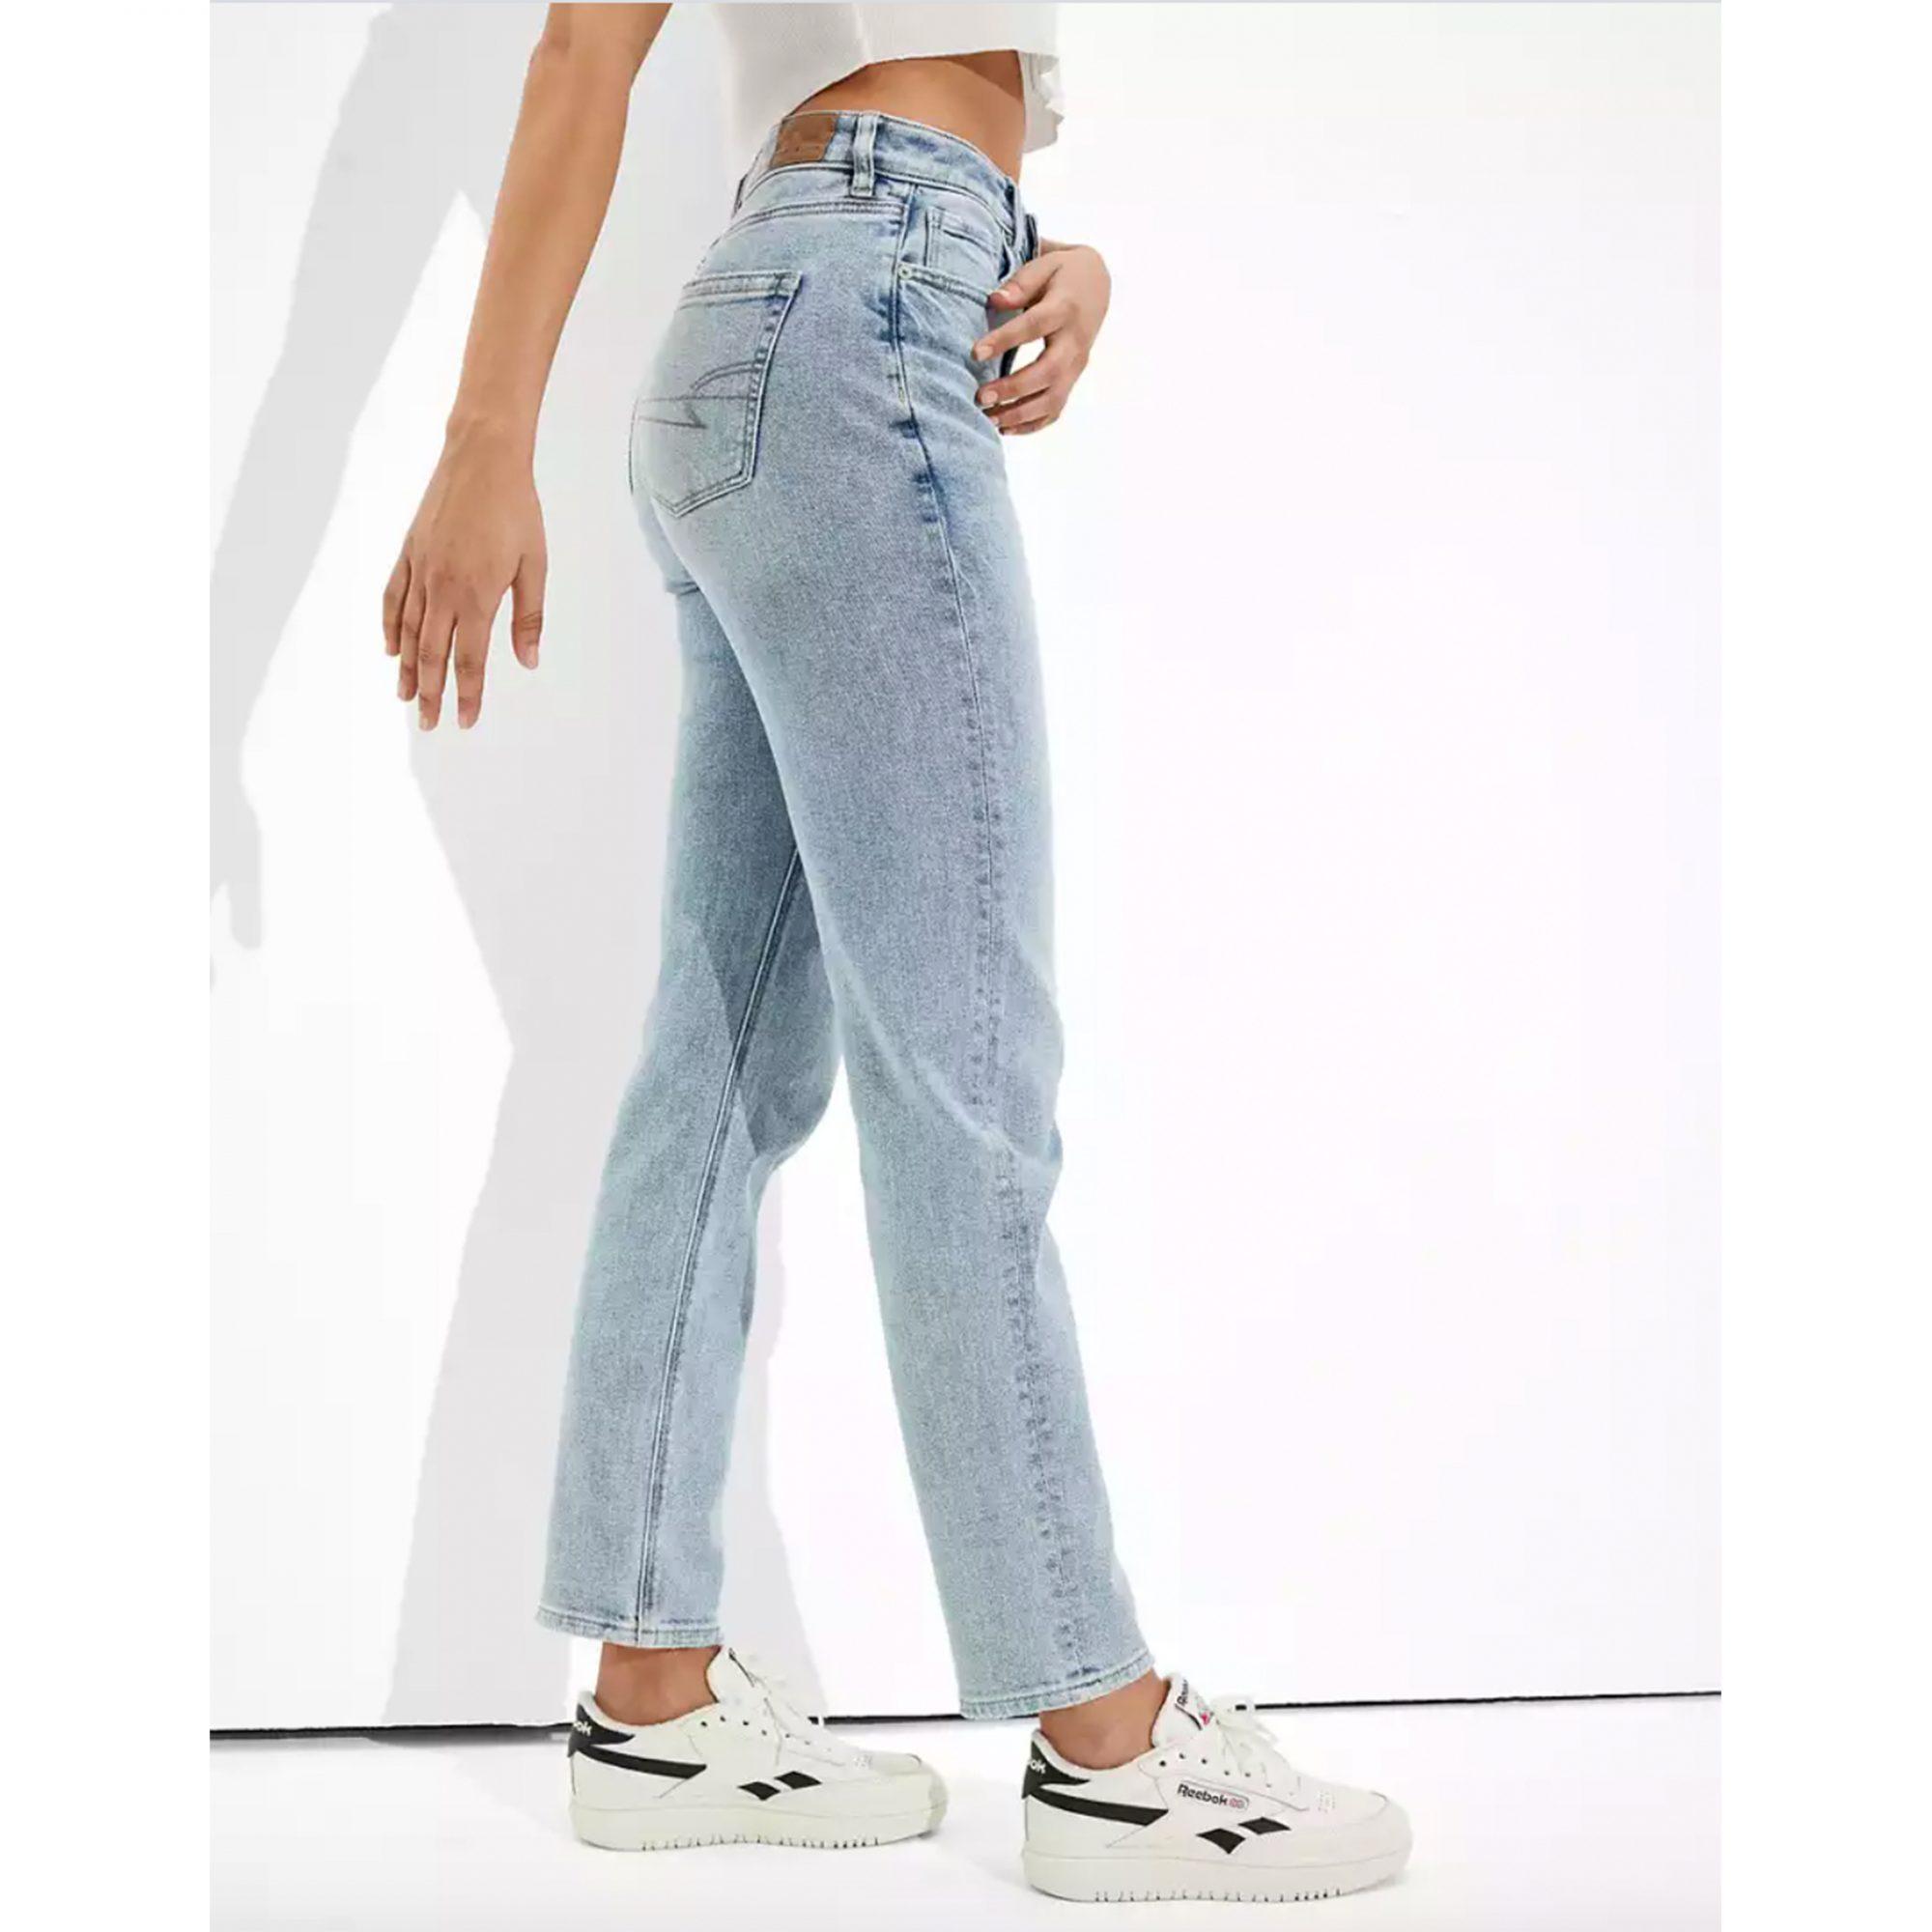 american-eagle-mom-jean, best-jeans-women